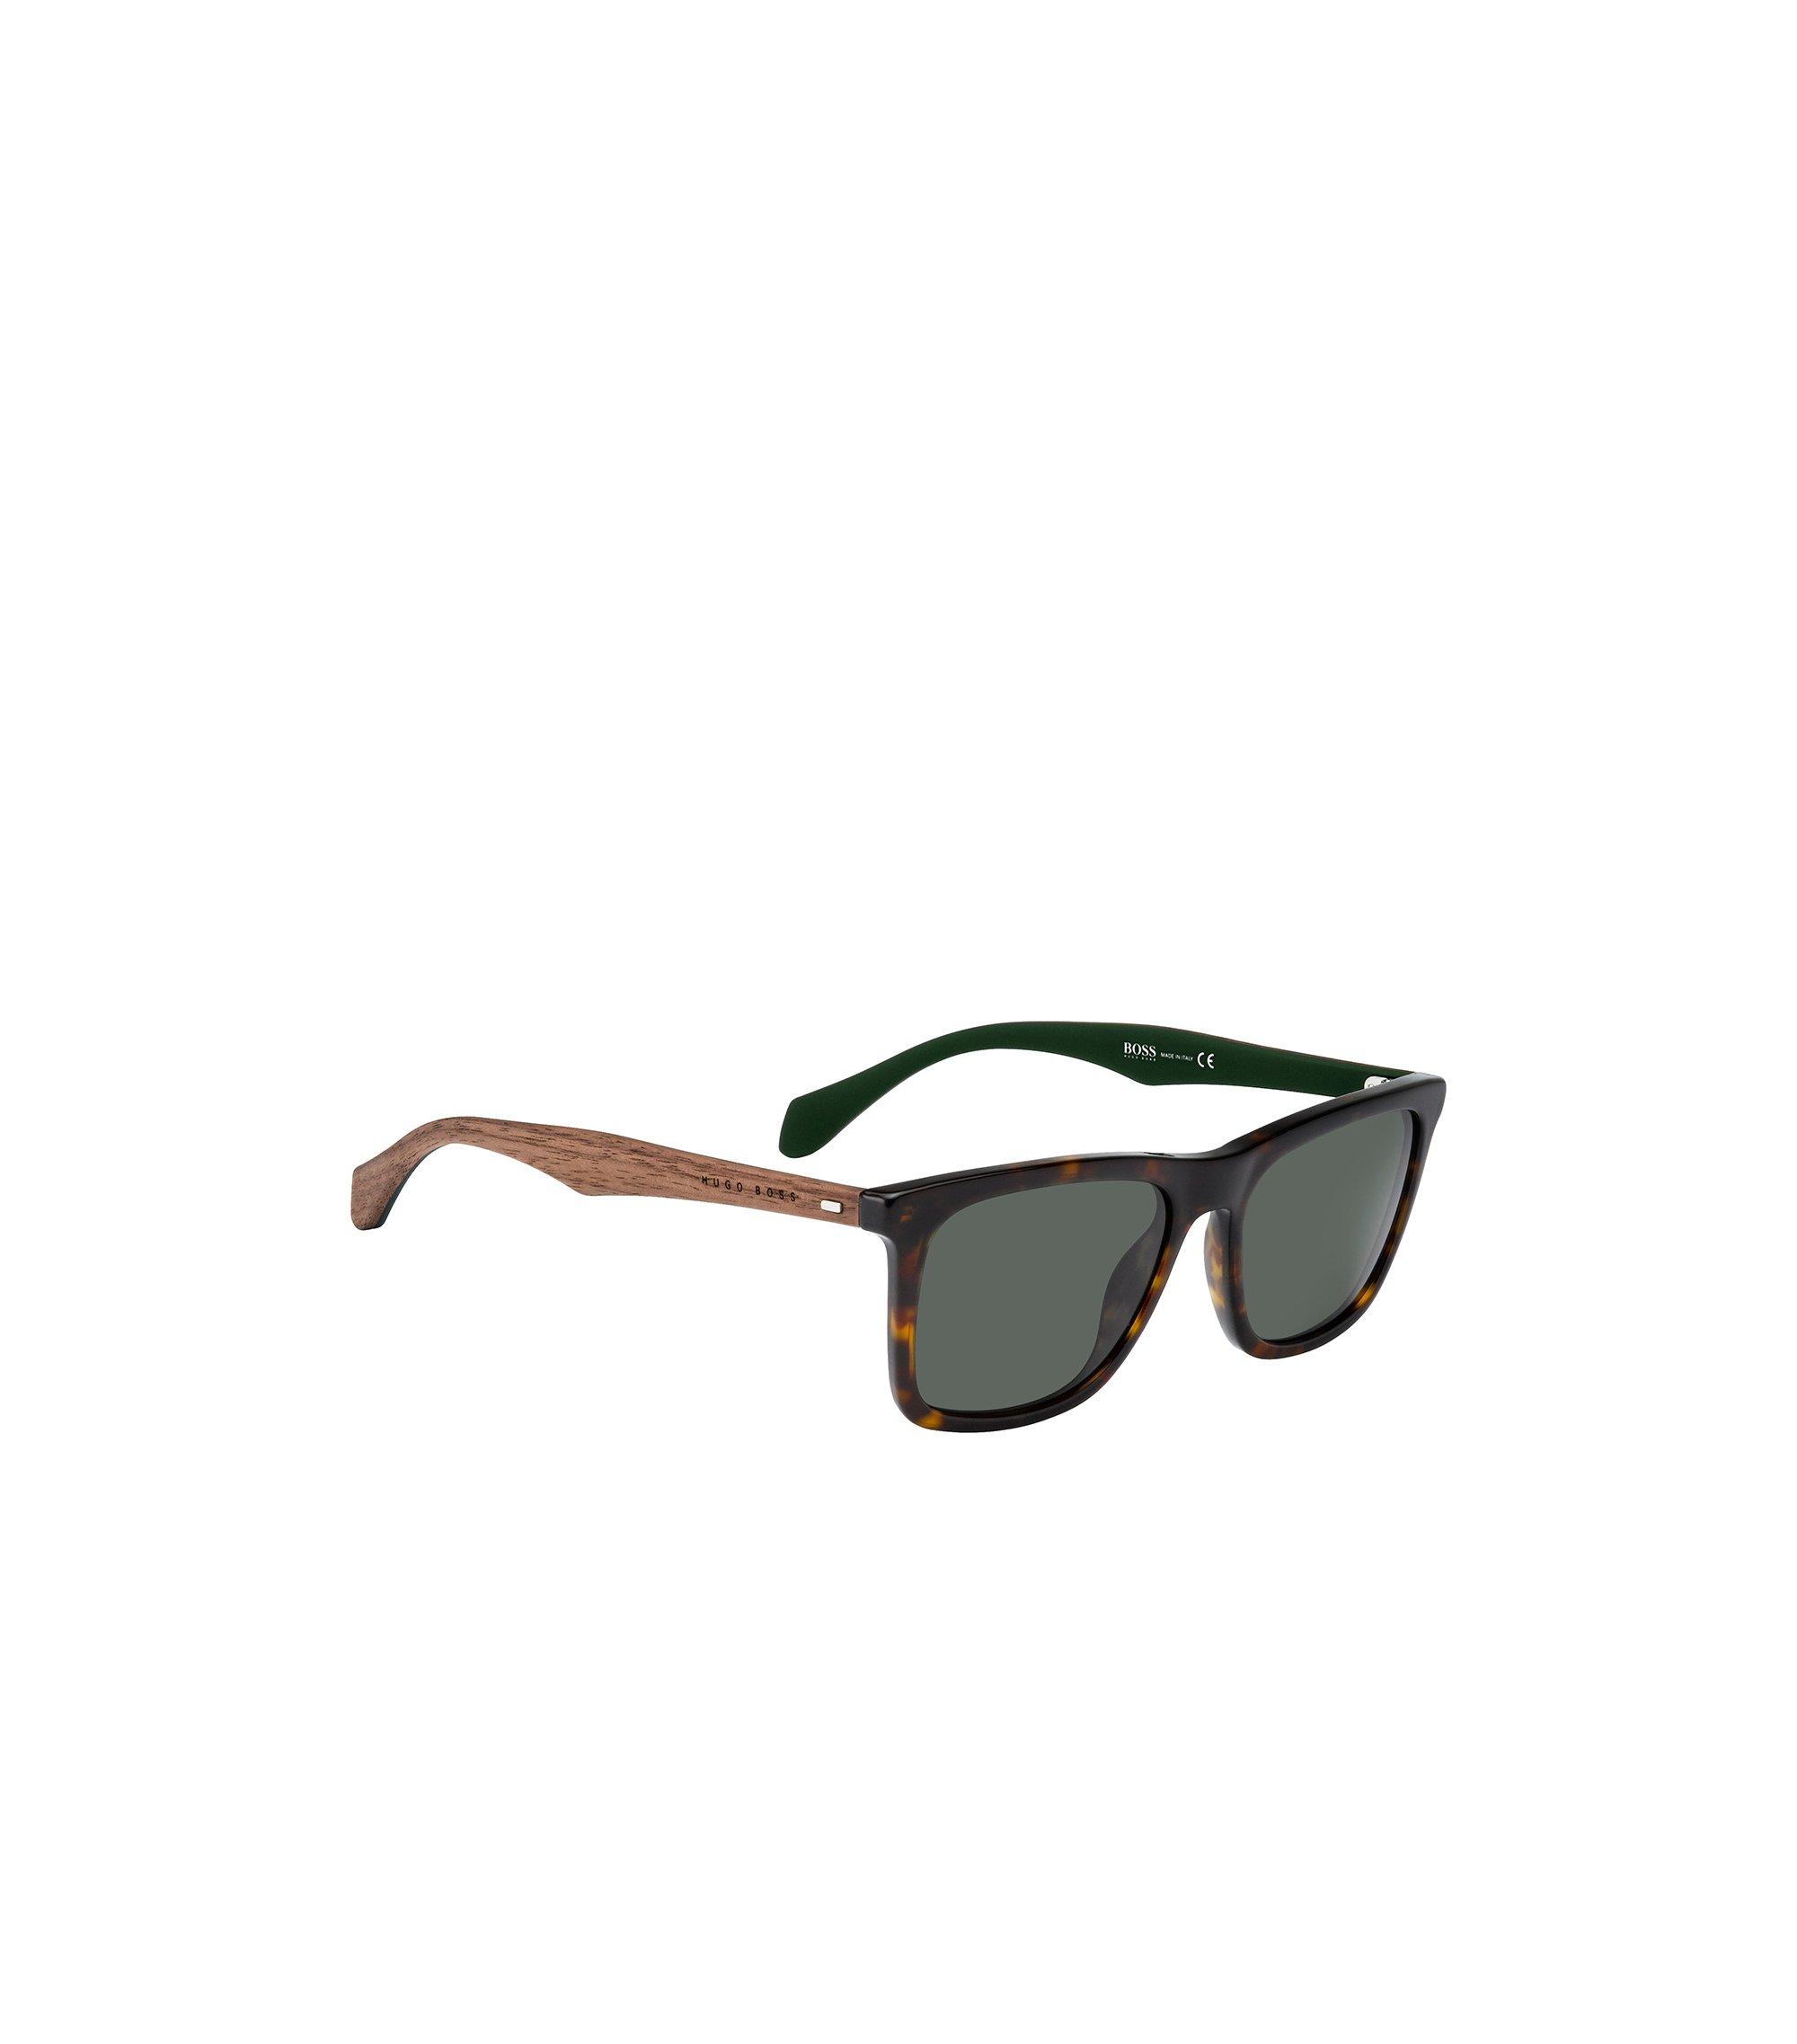 Gafas de sol con patillas de madera y estampado Habana: 'BOSS 0776/S', Assorted-Pre-Pack